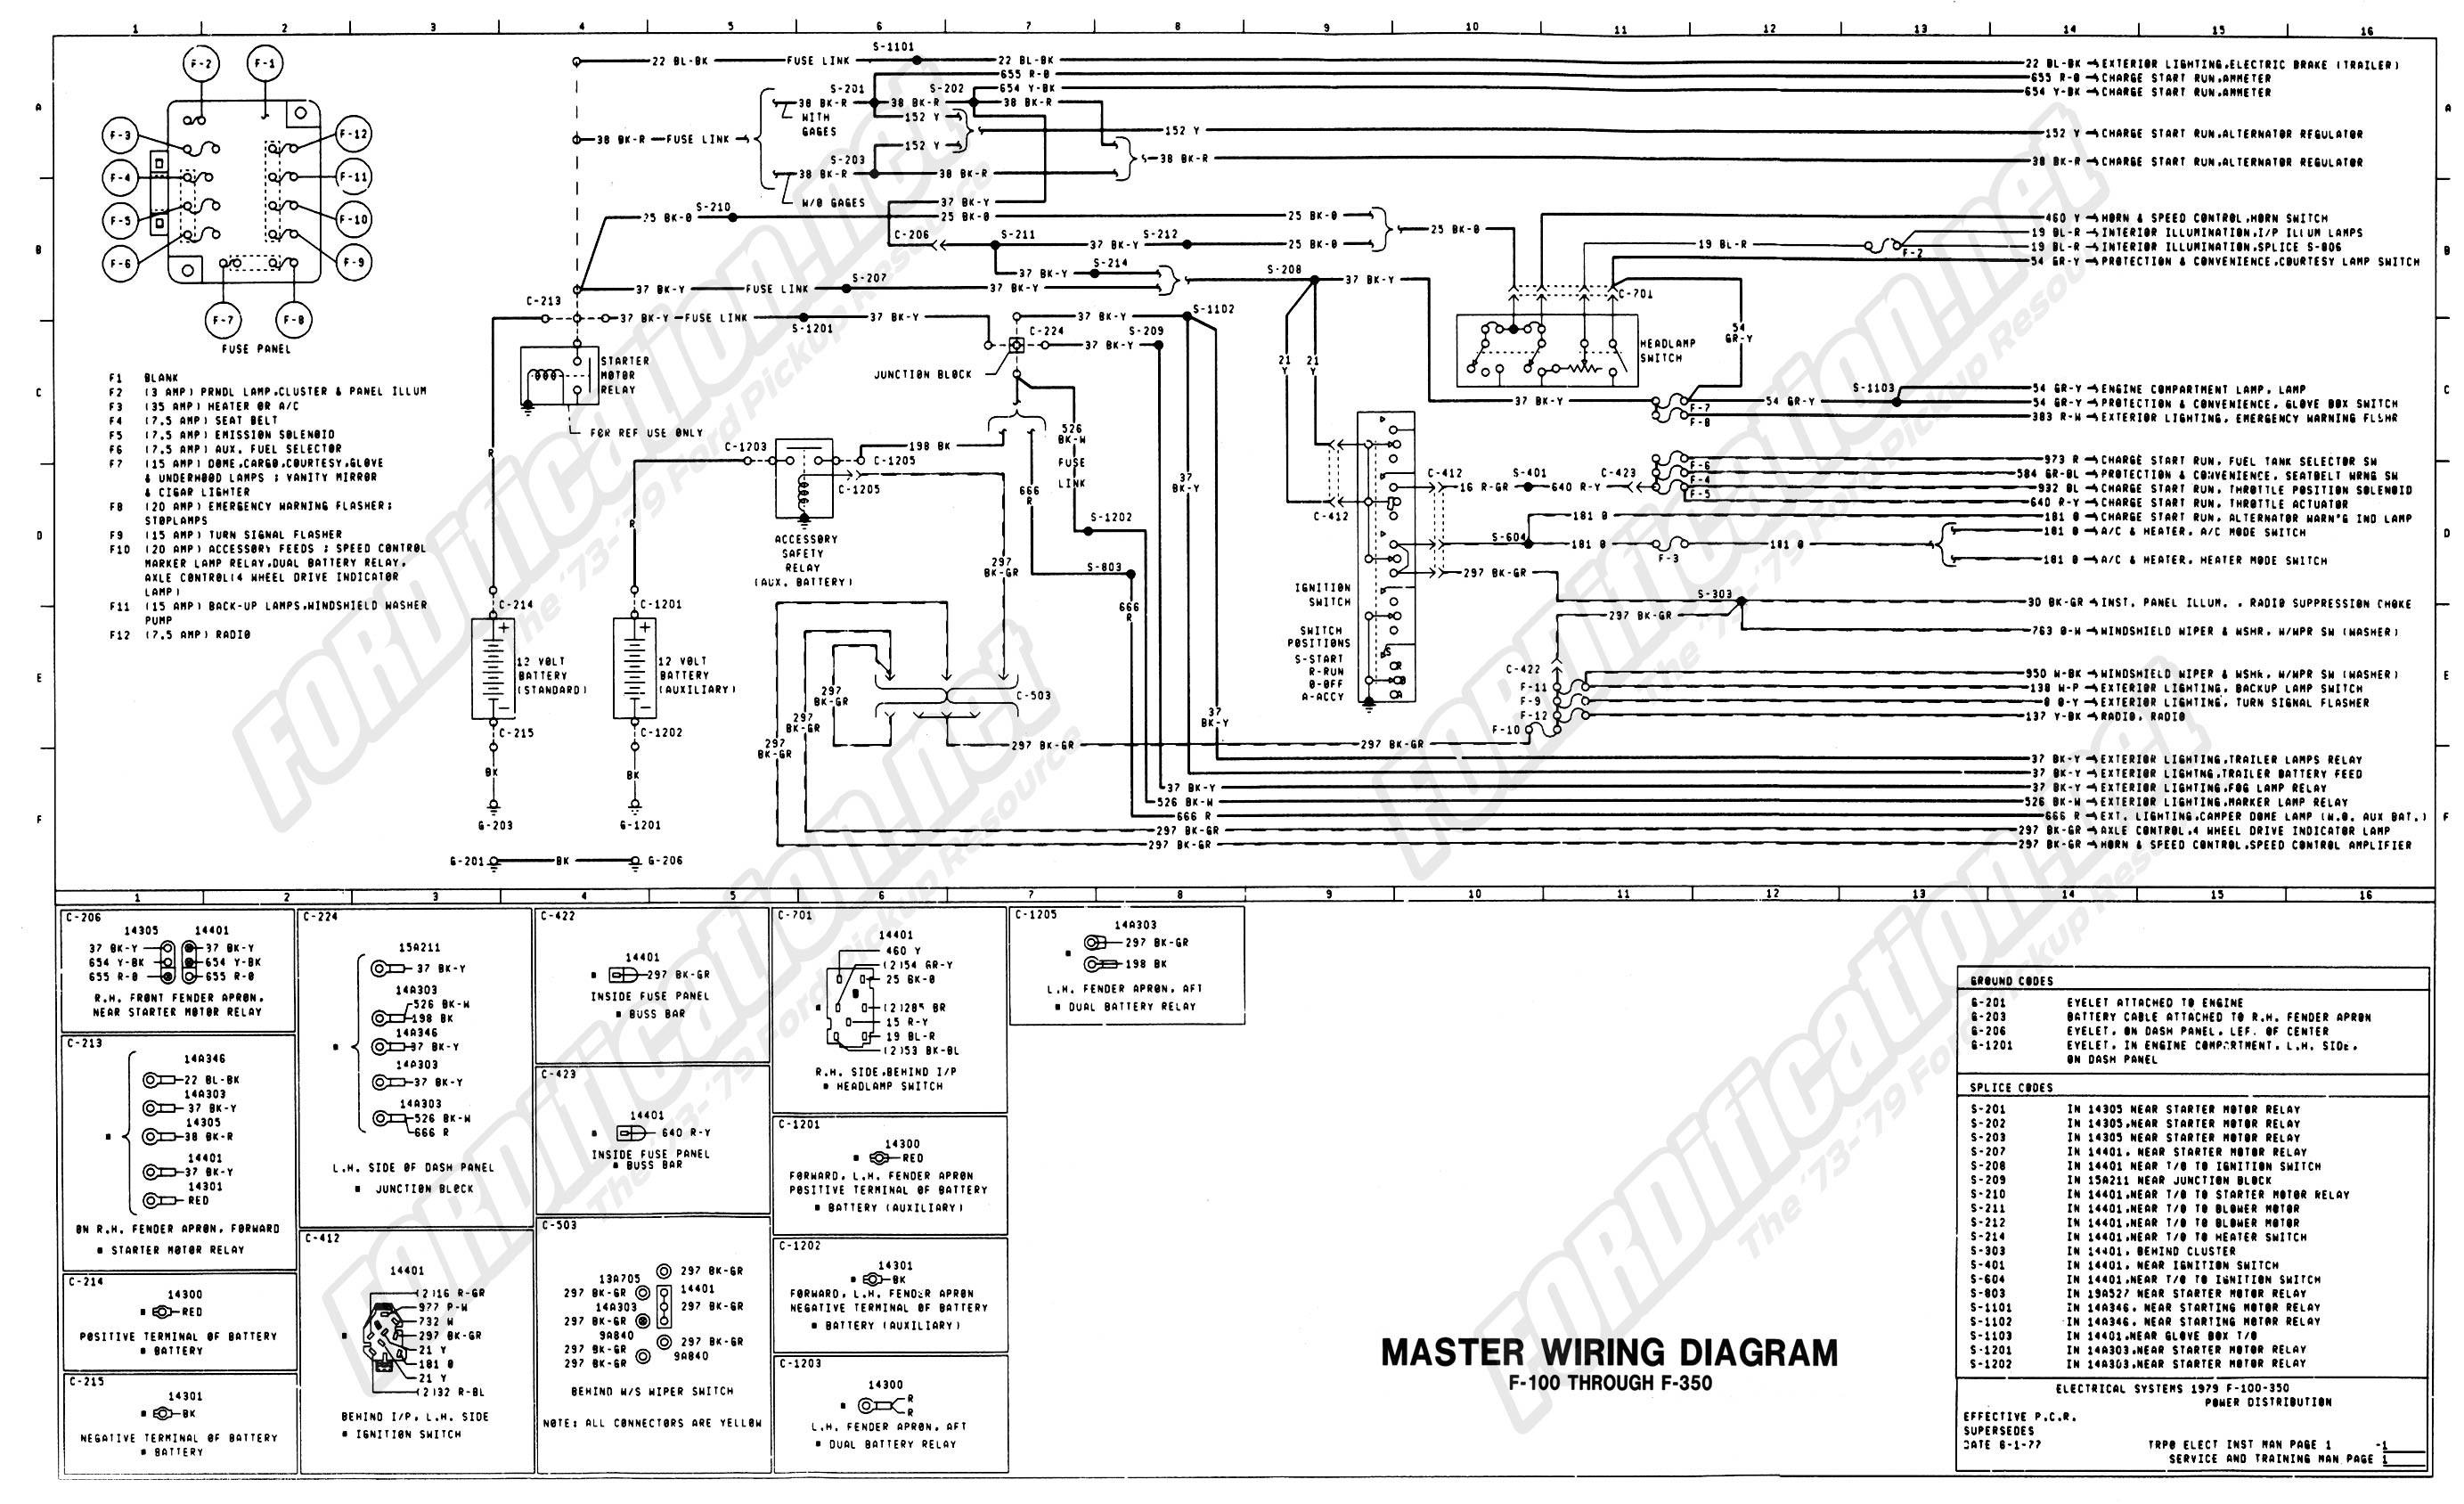 Xo 9658 Ssr Lazer 5 Schematics Wiring Diagram